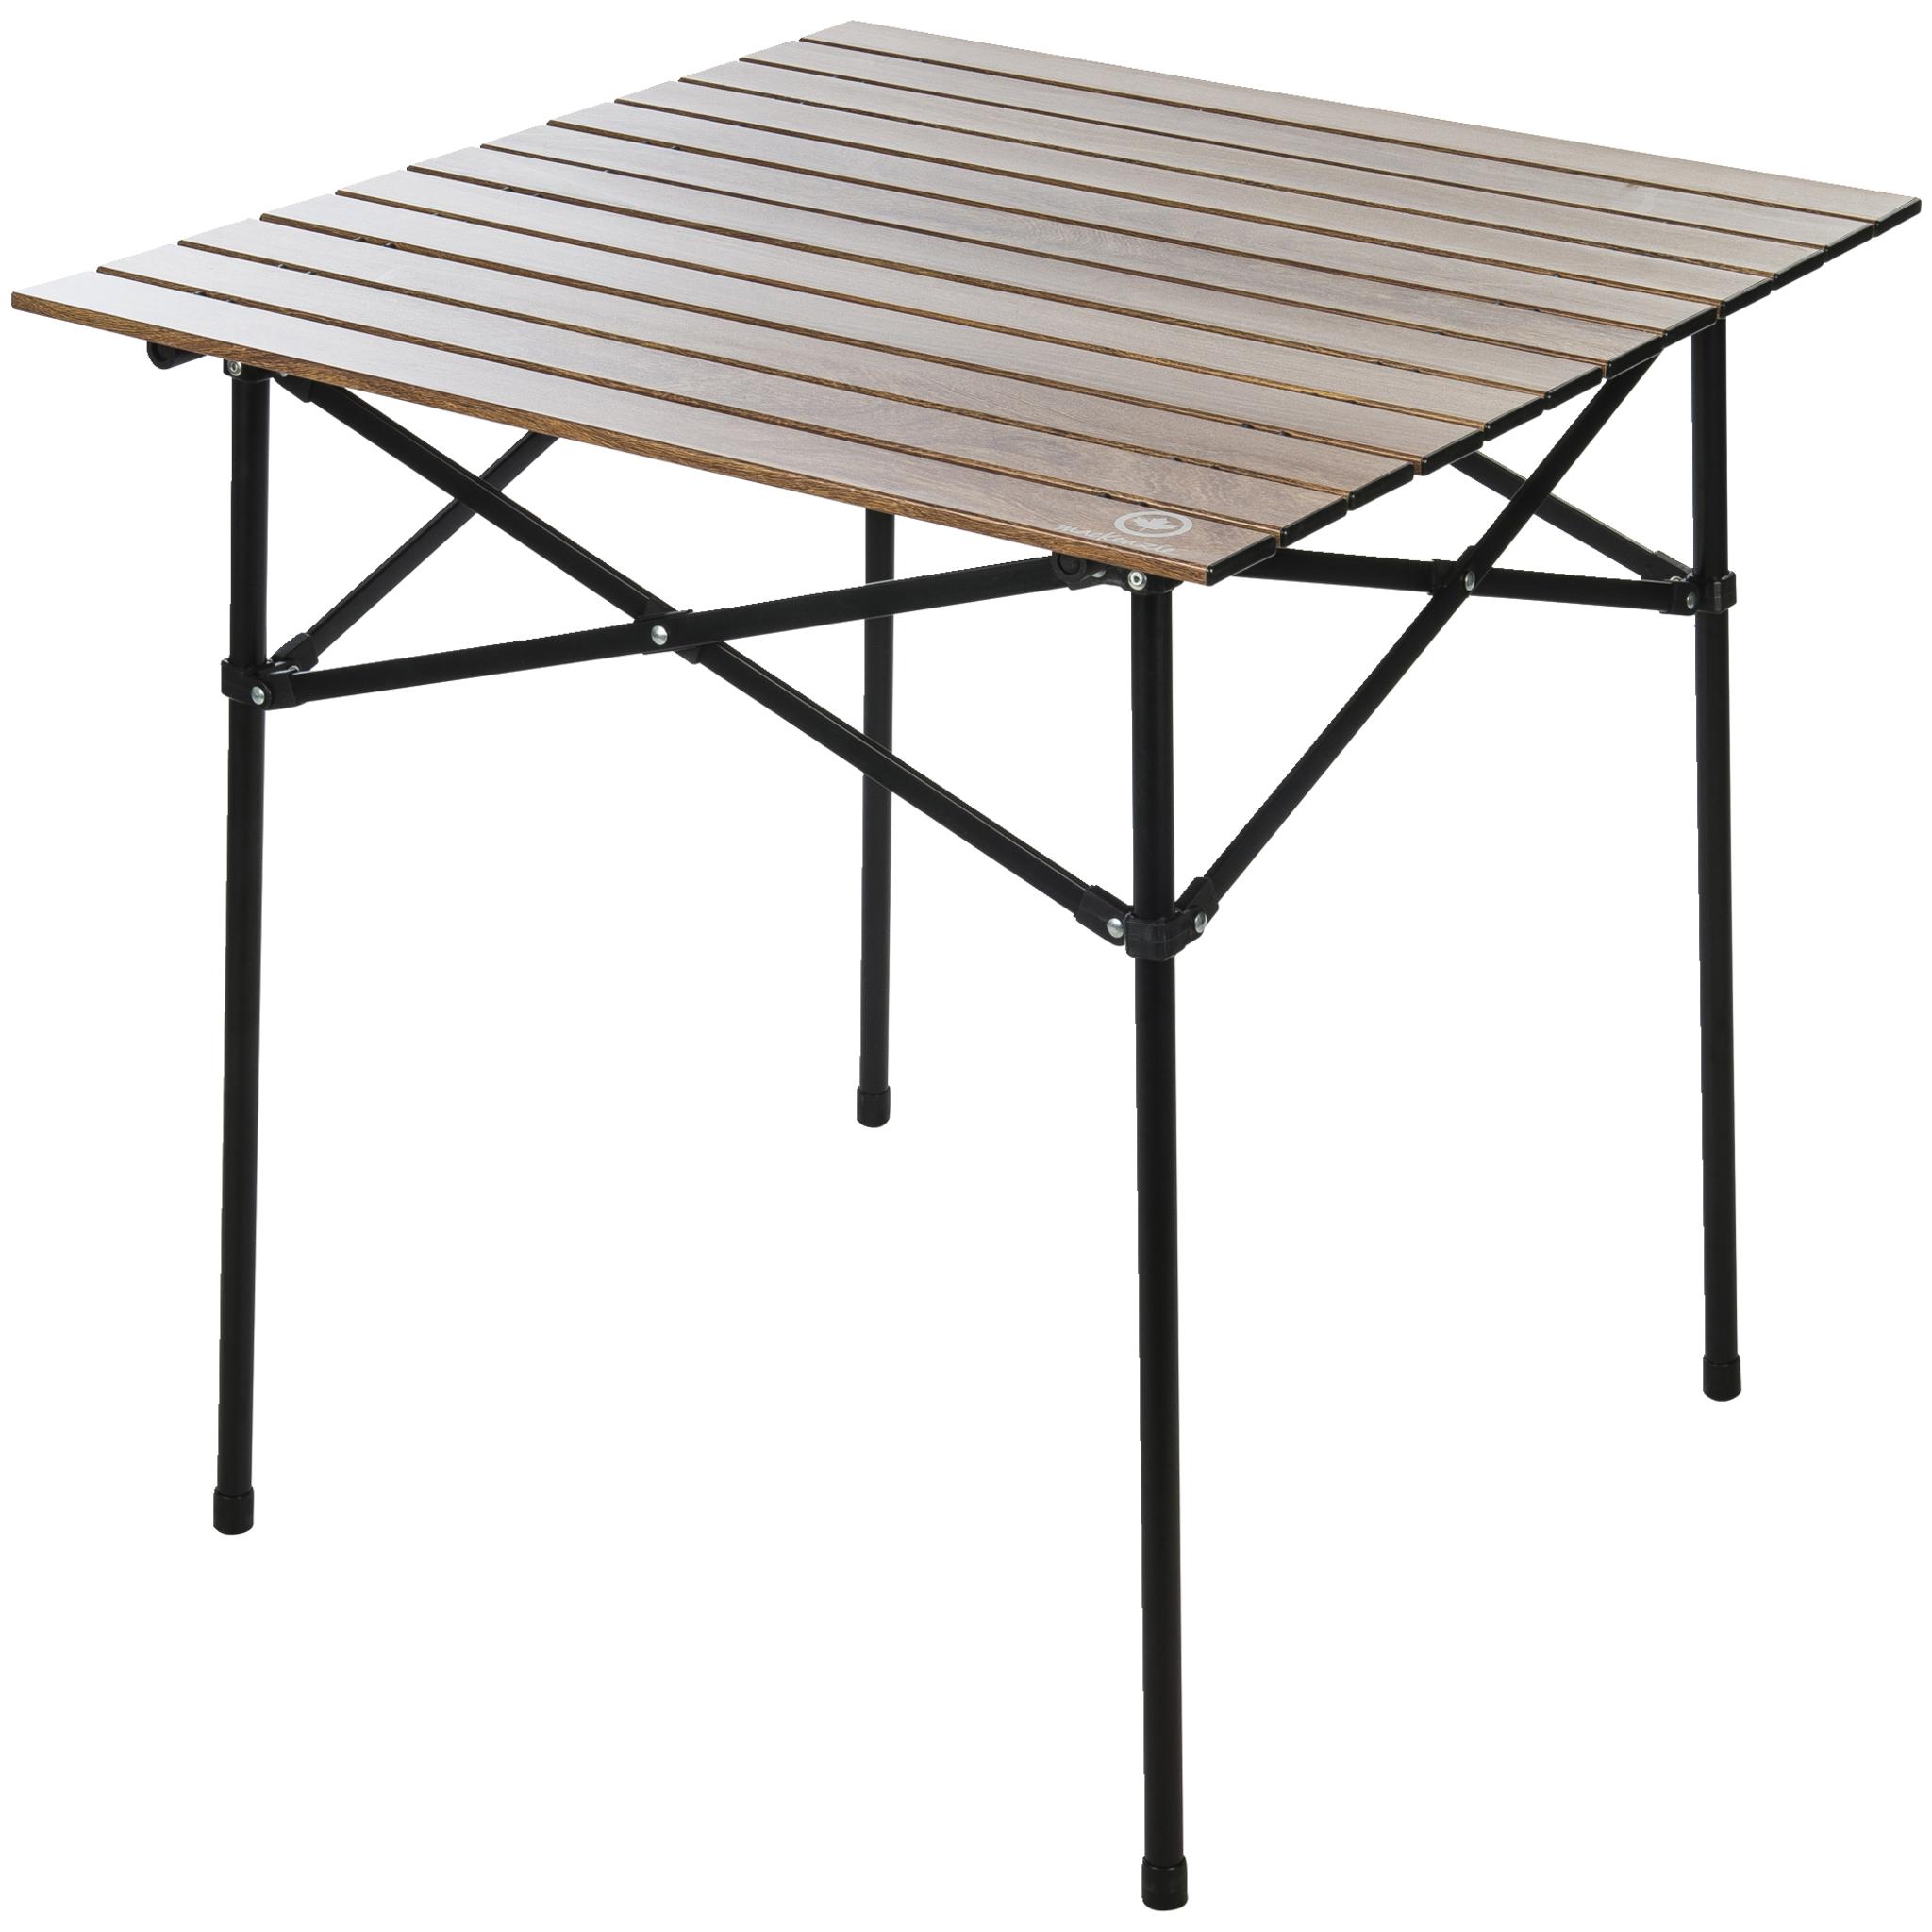 Aluminium Table Wood One Size